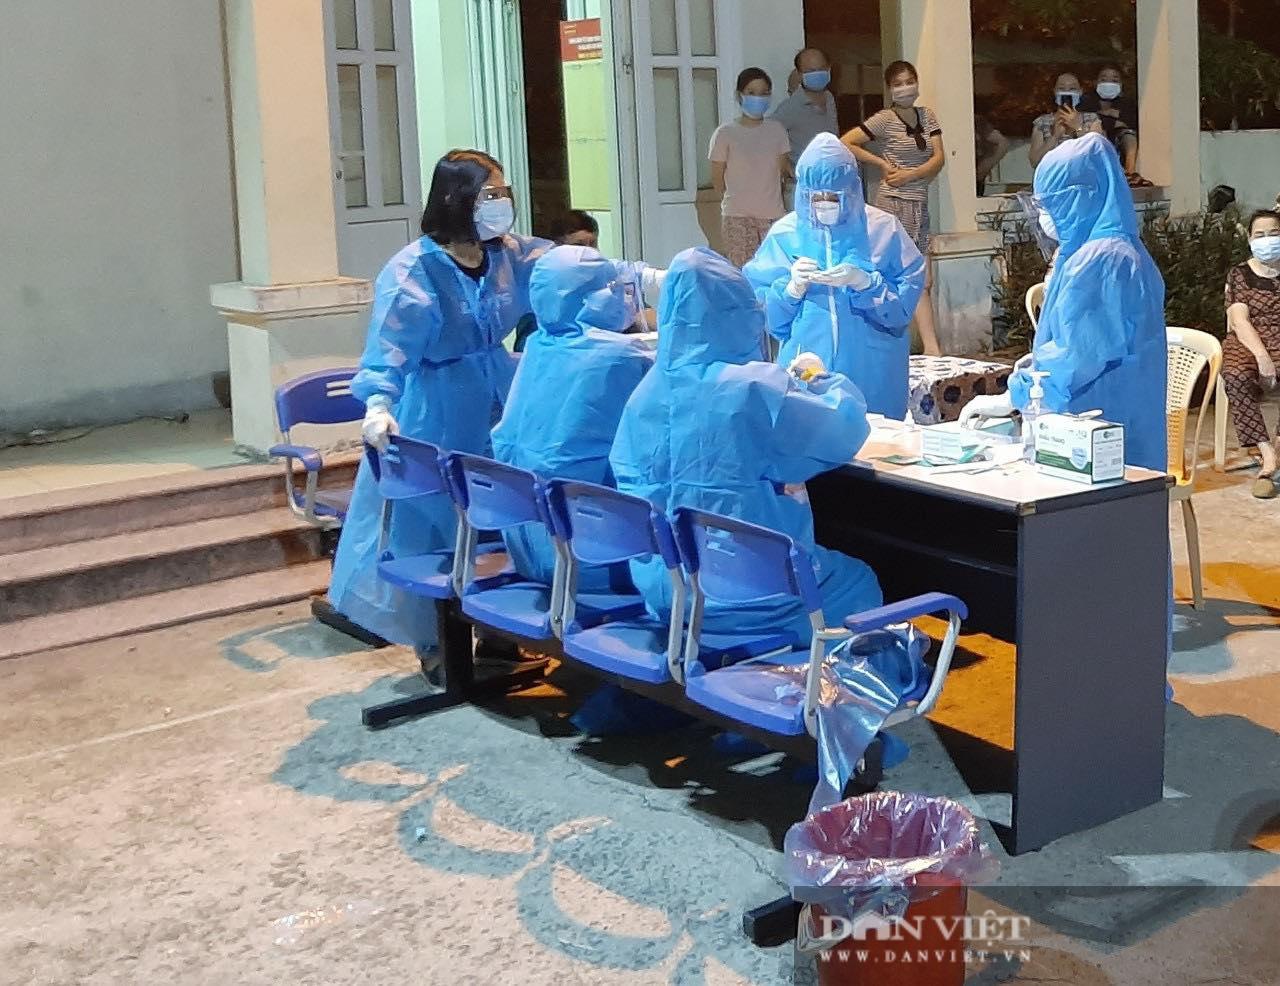 Nghệ An: Cận cảnh nhân viên y tế trắng đêm xét nghiệm cho nửa triệu dân TP. Vinh   - Ảnh 1.